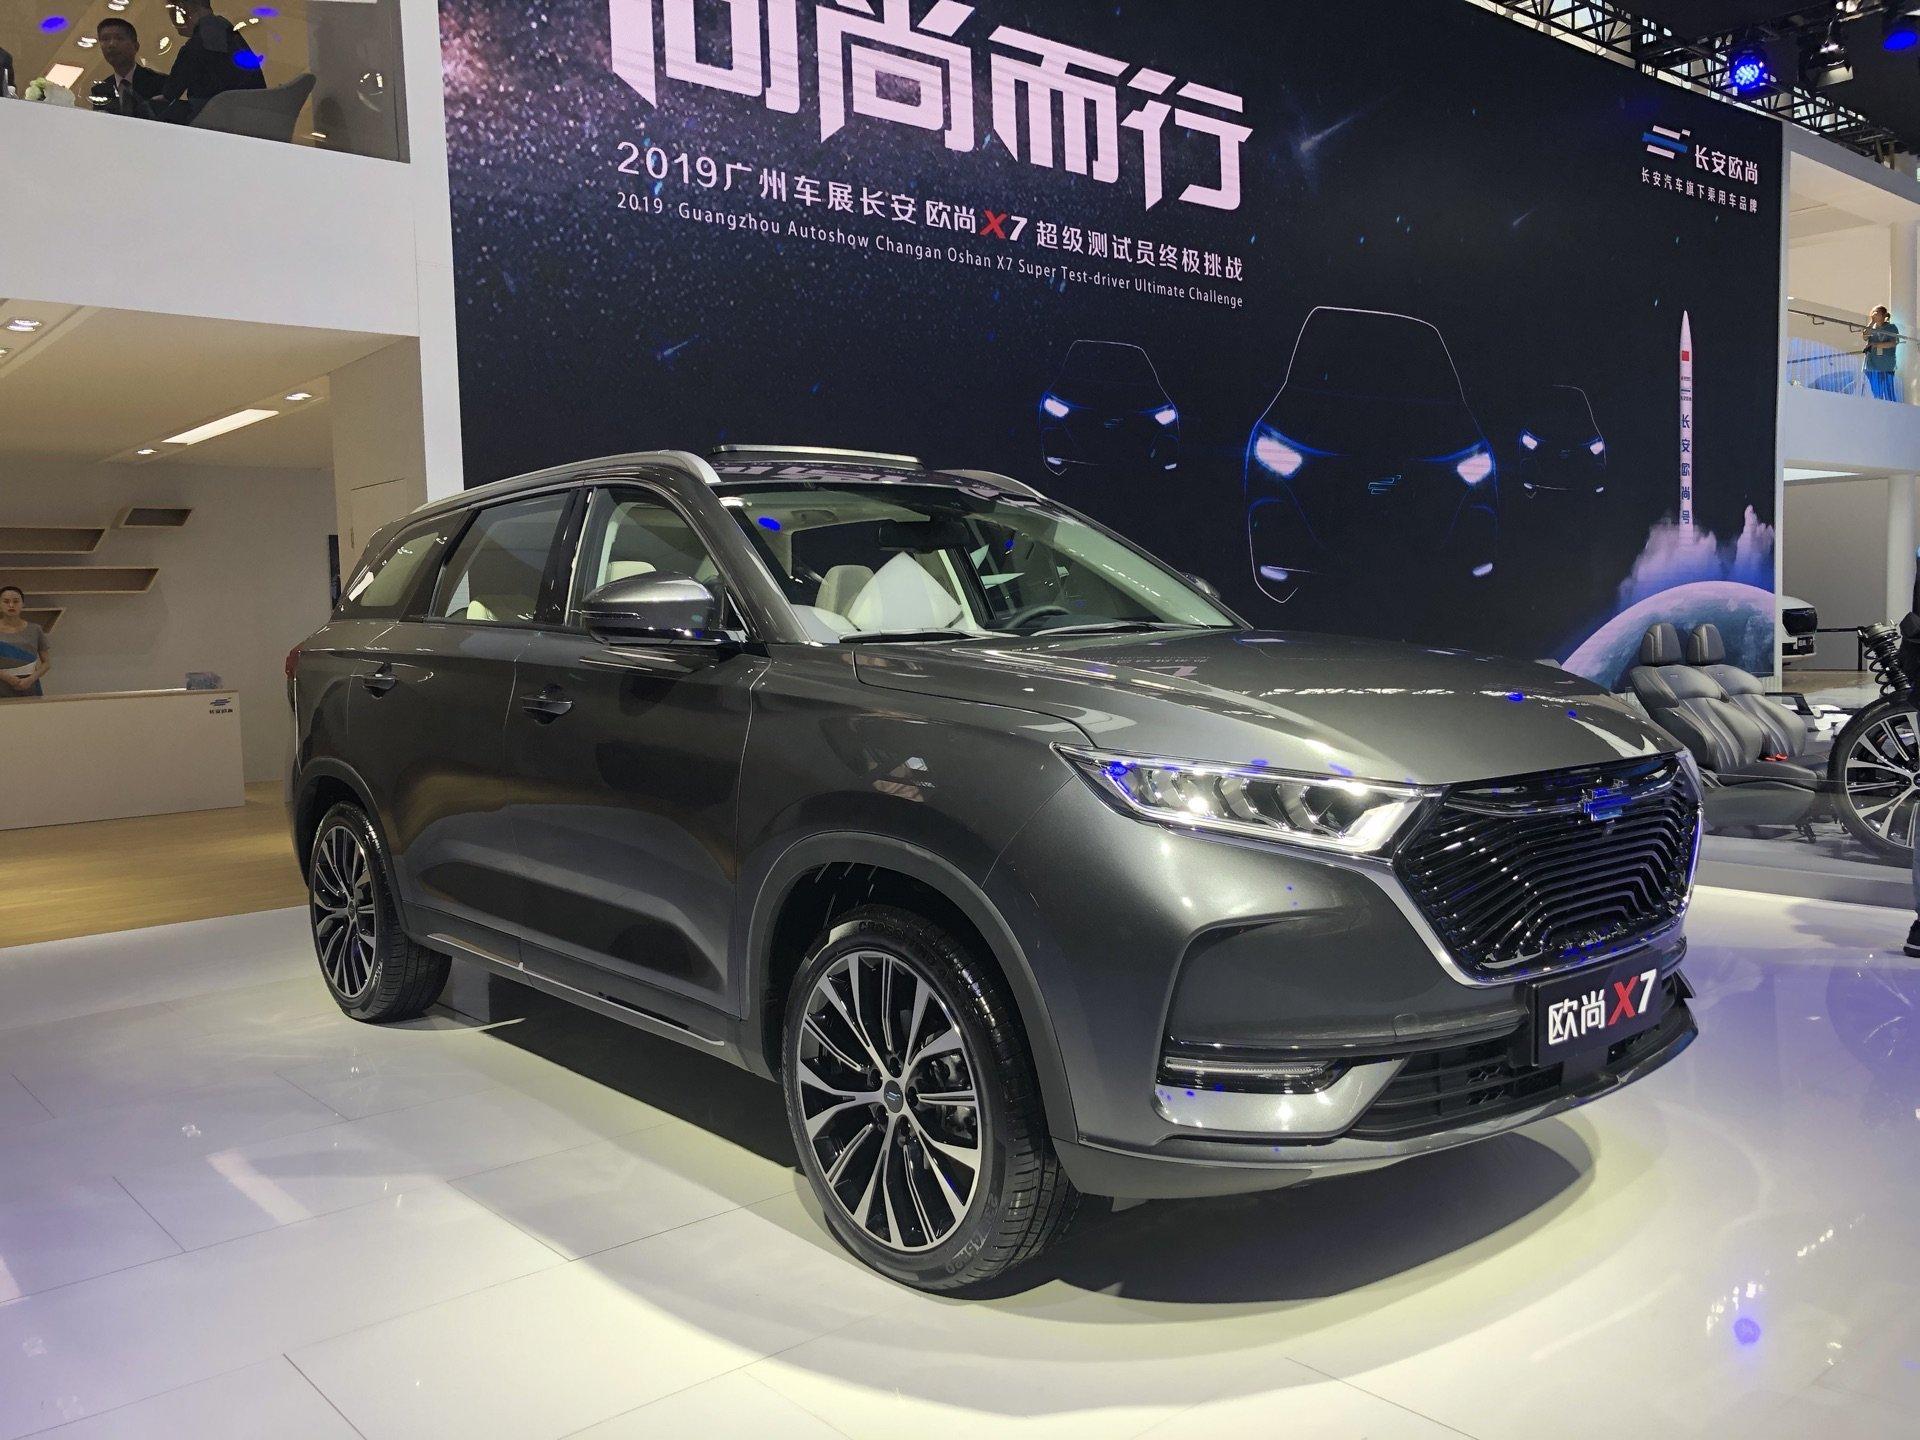 Changa Pshan X7